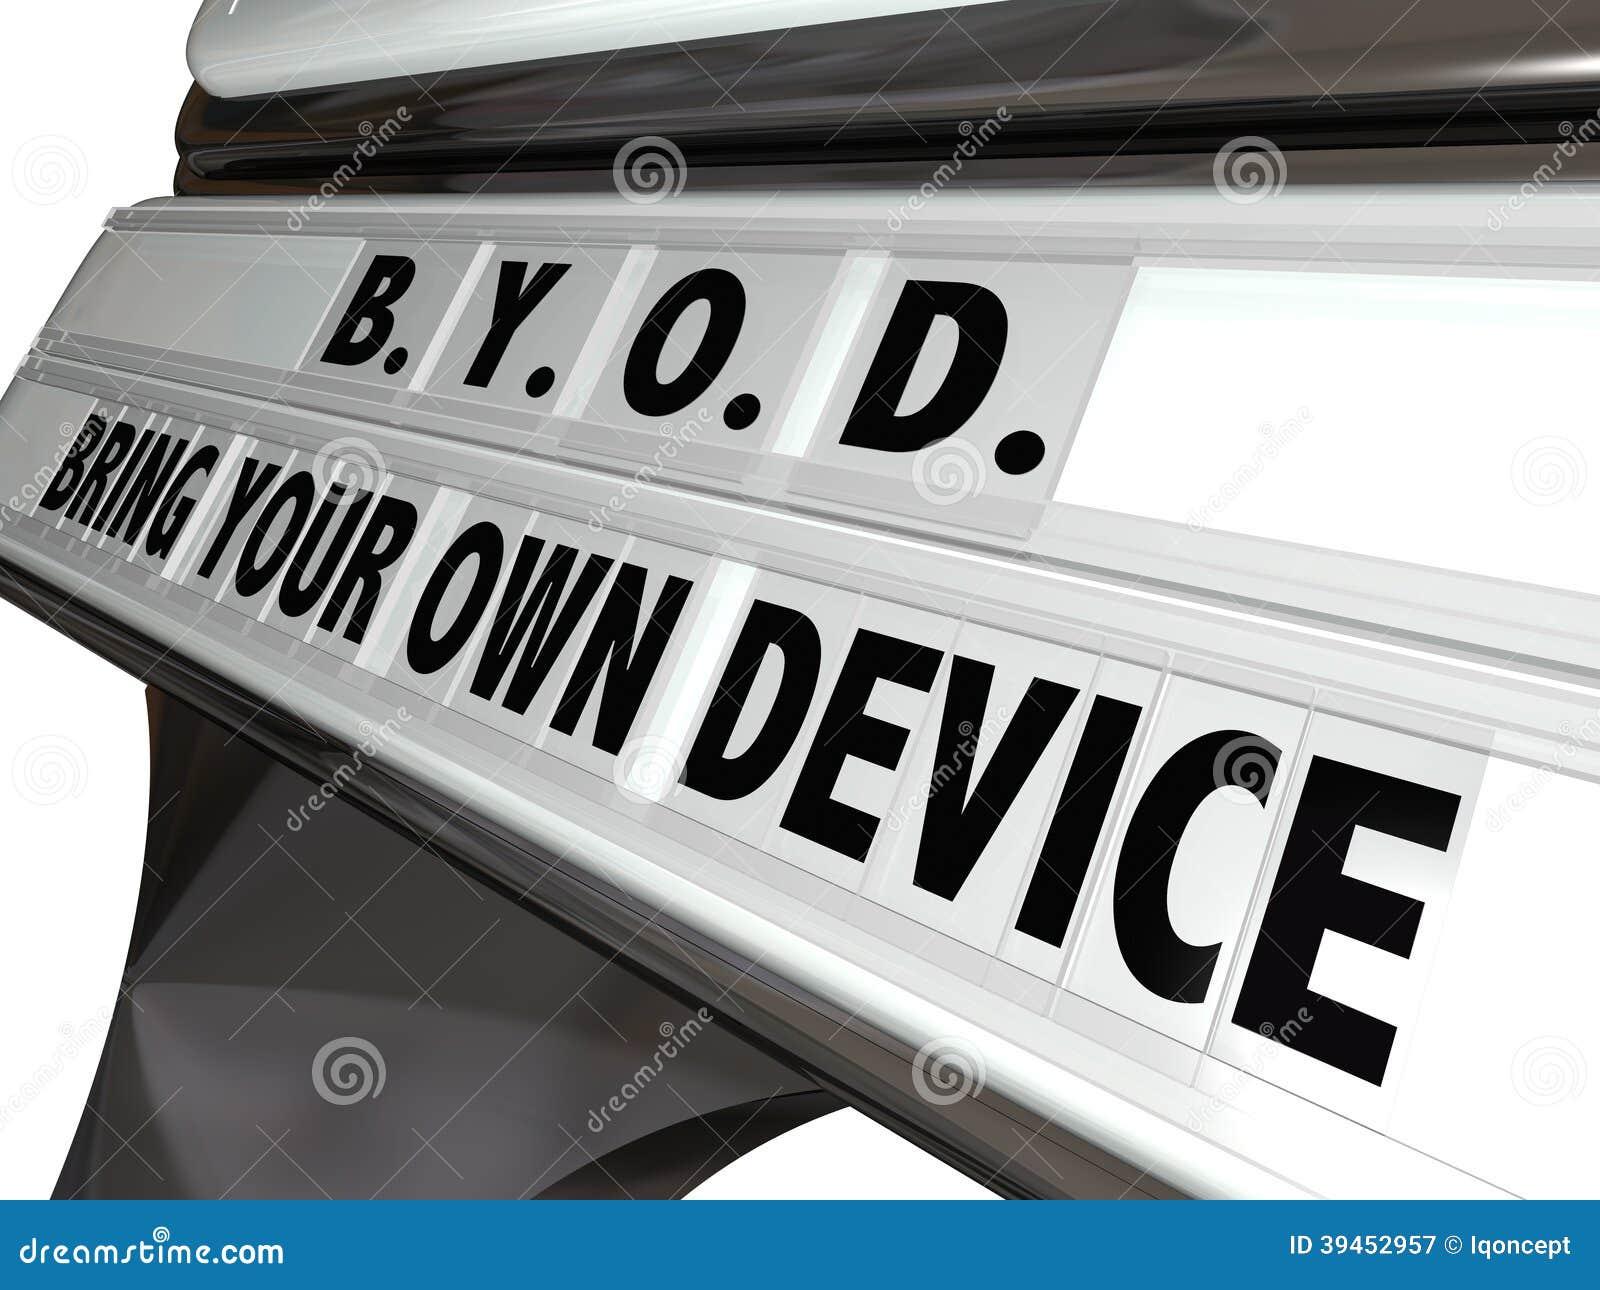 BYOD traen su propio lugar de trabajo Job Policy de la muestra del dispositivo